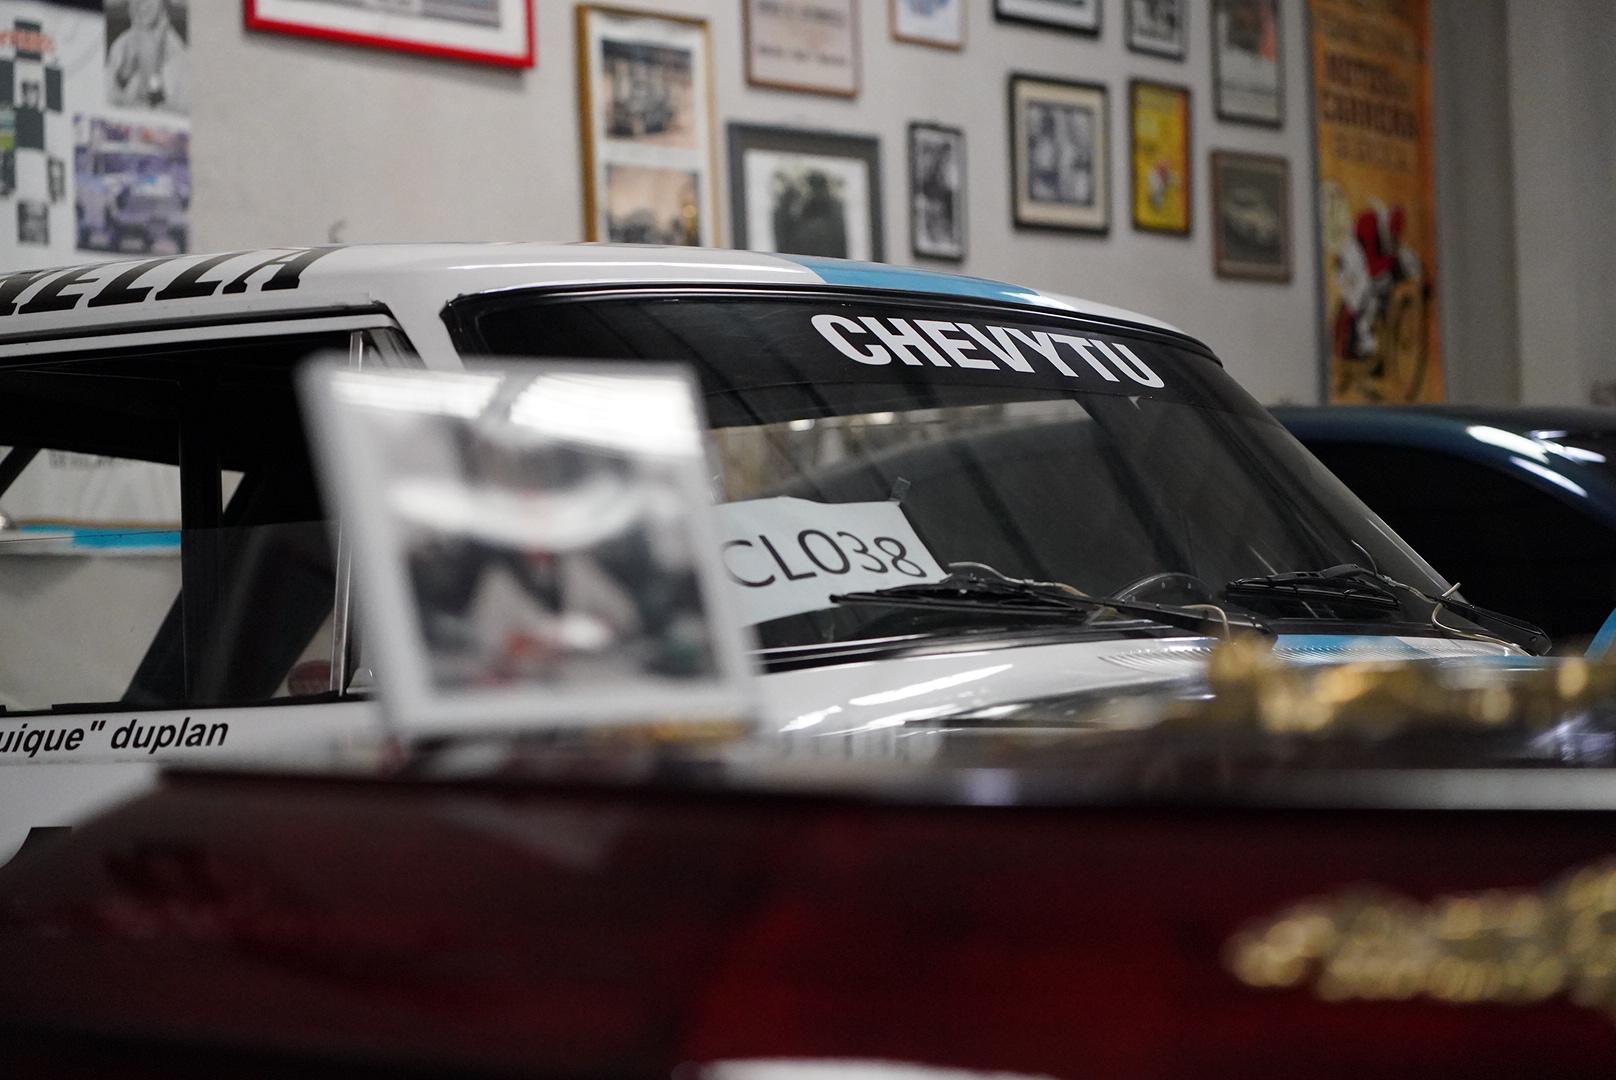 Asoma el Chevytú, el auto con el que Cupeiro cambió la historia del Turismo Carretera para siempre en 1965. Fue el principio del fin de las cupecitas que fueron reemplazadas por los Ford Falcon, la cupé Chevy de Chevrolet, el Dodge GTX y el Torino 380W.